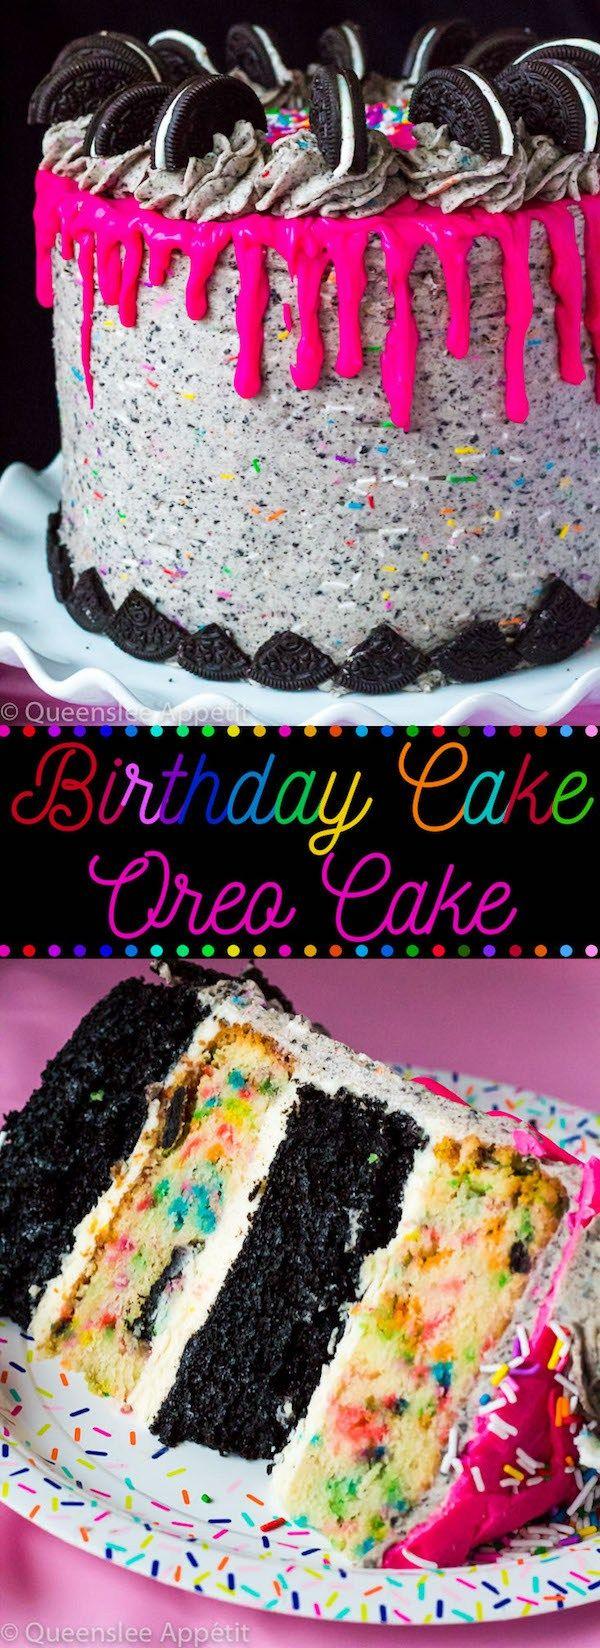 Dieser Geburtstagskuchen Oreo Cake schreit nur PARTY! Schichten von dunkler Schokolade und Fu …   – Adys bday party ideas